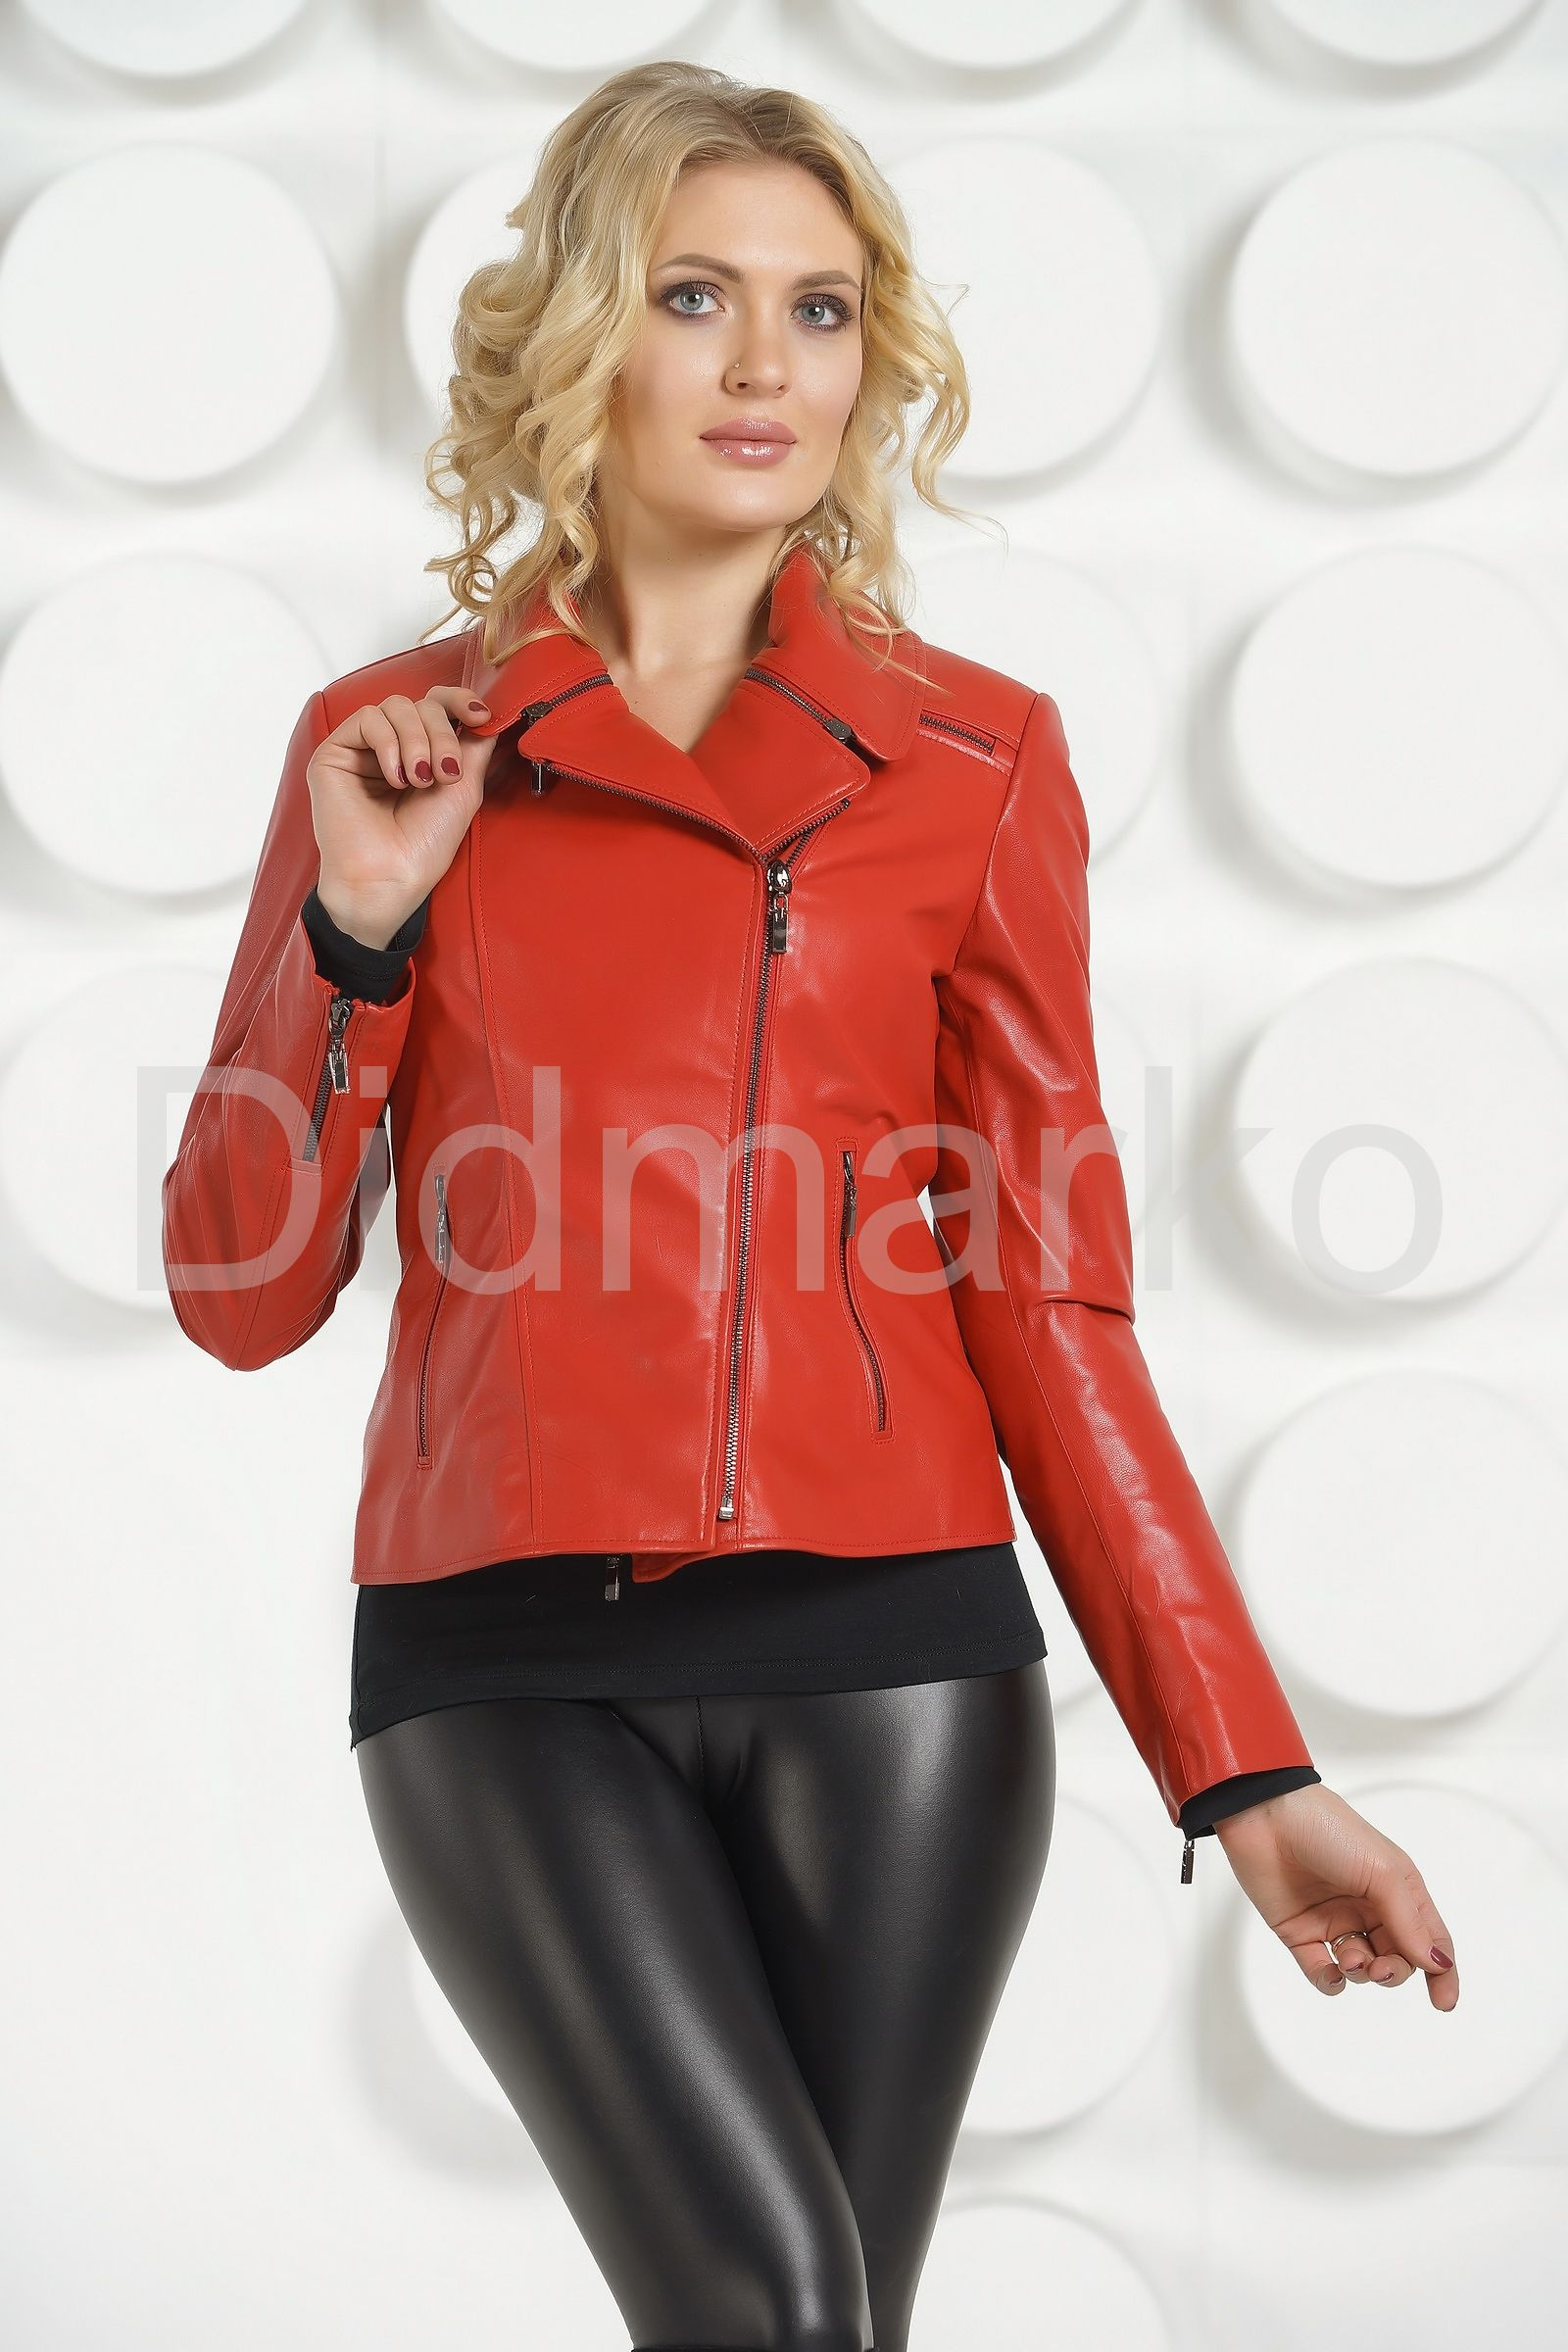 Кожаные Куртки Купить Весна Москва